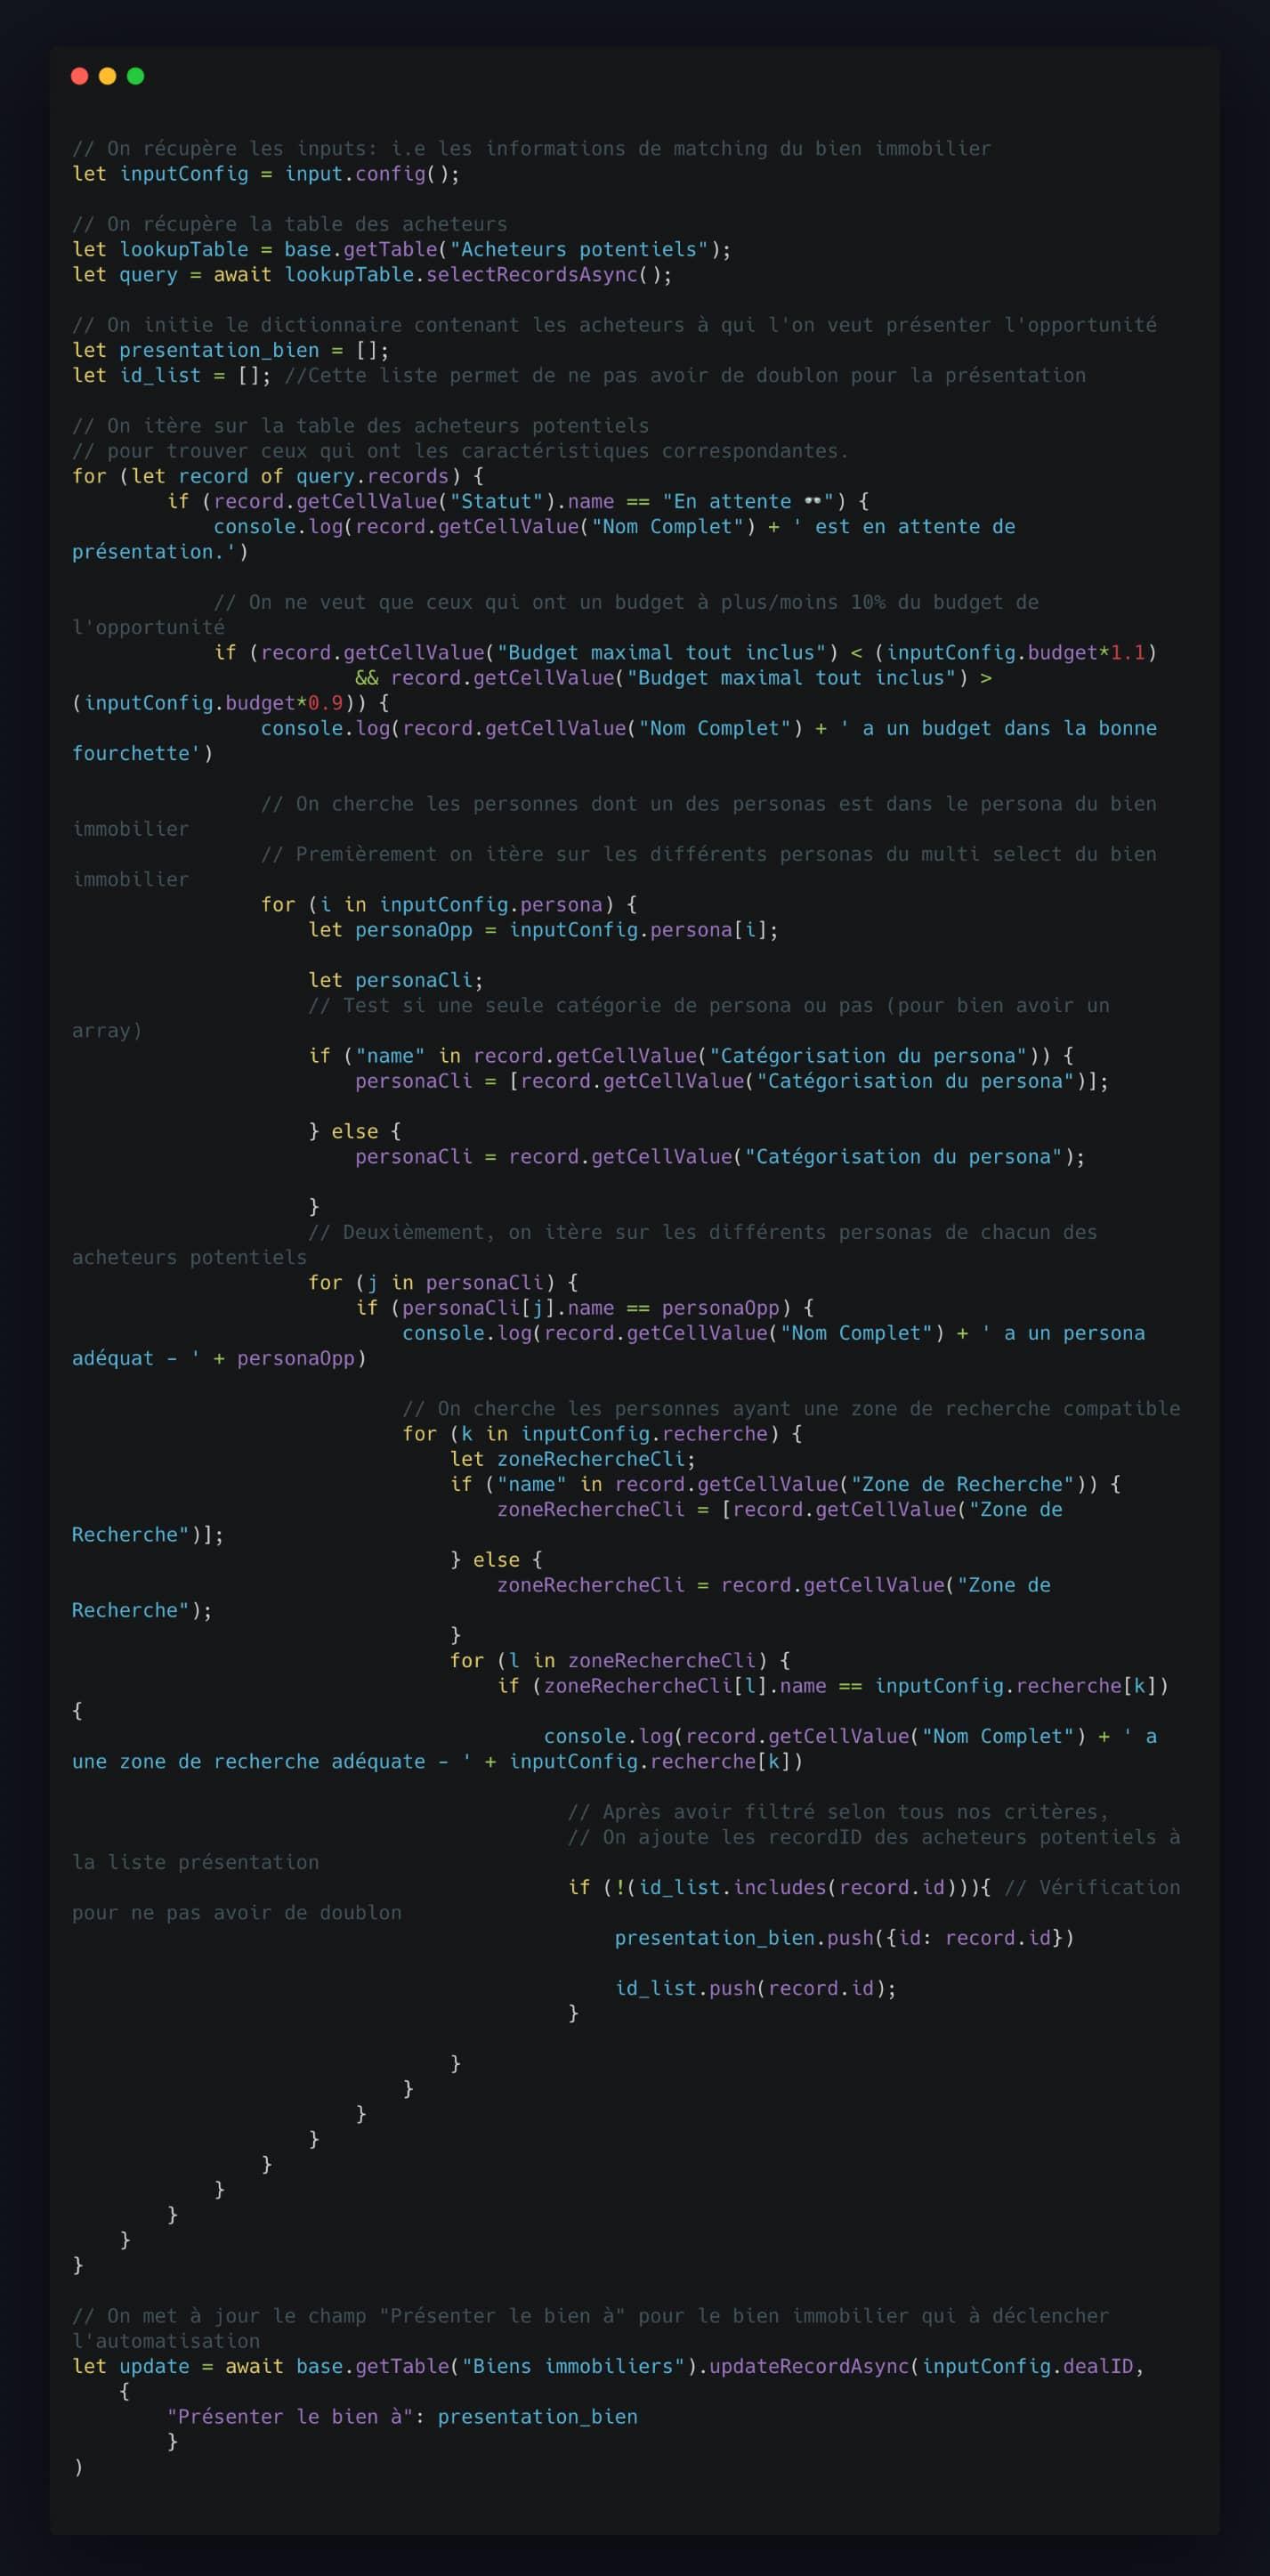 Script système de matching multicritères Airtable